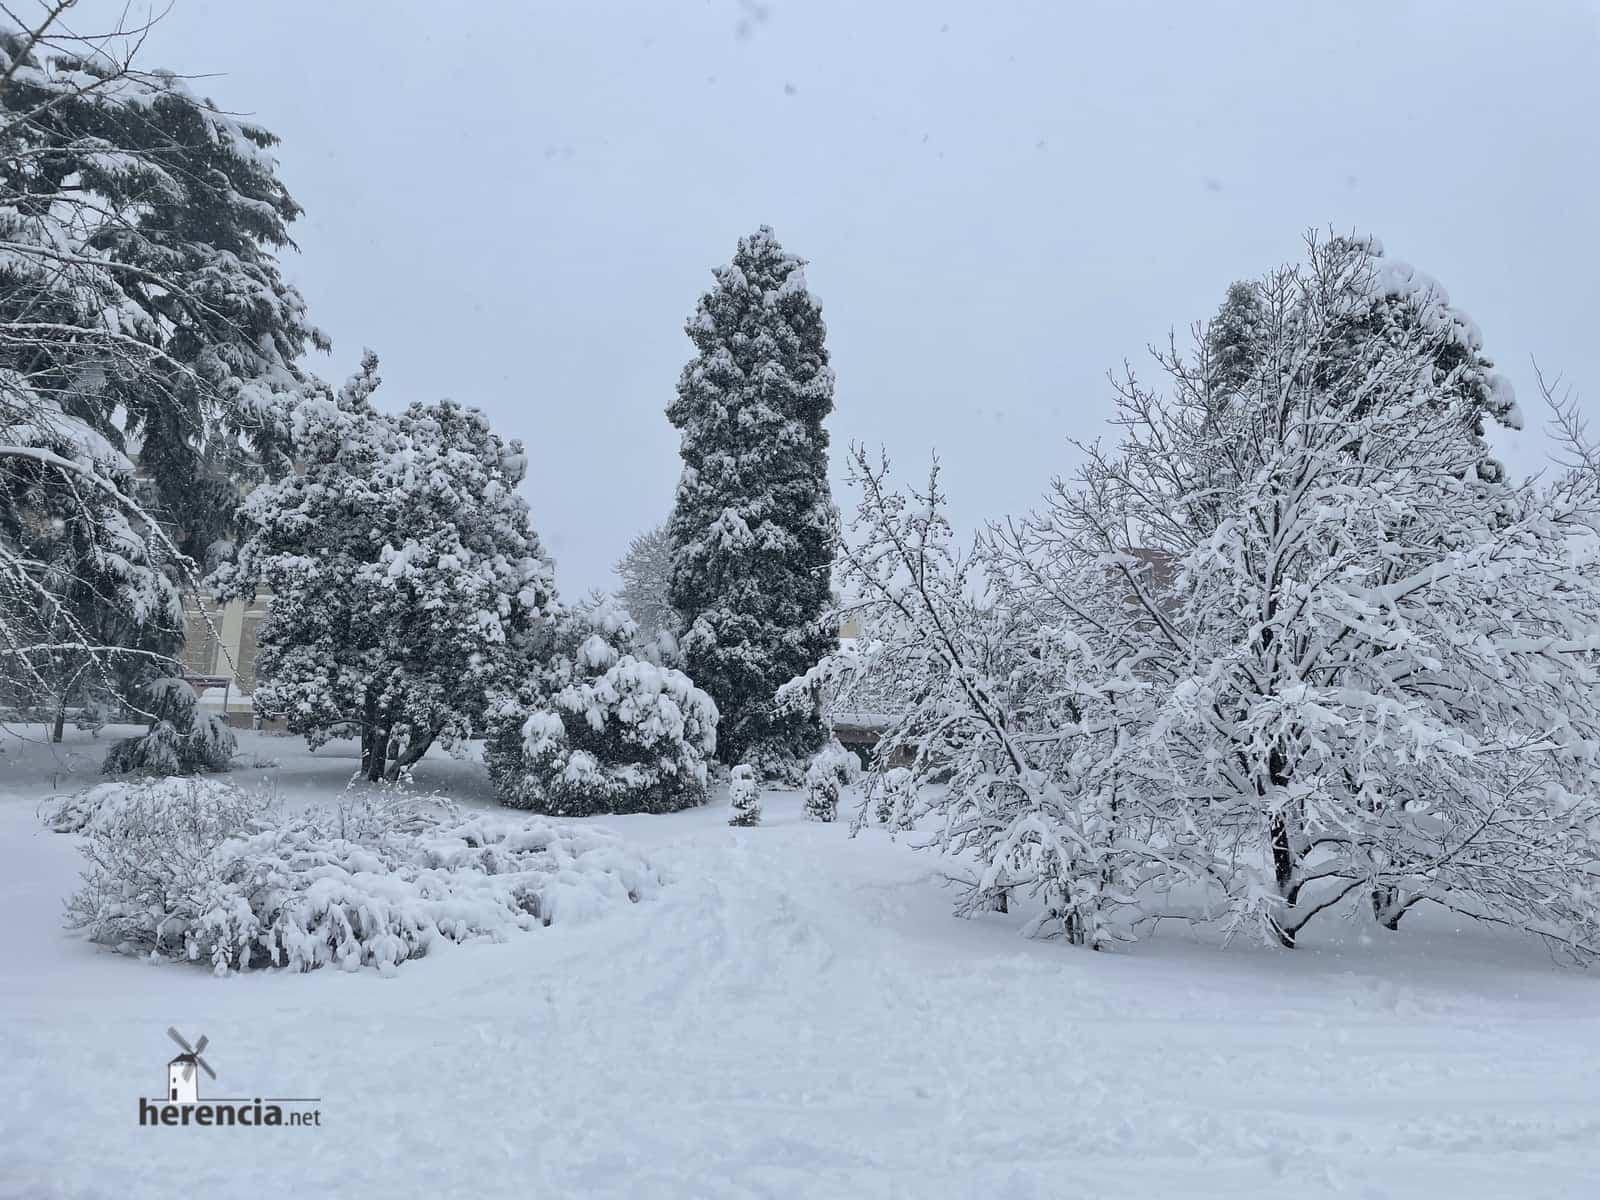 Más fotografías de las nieves de 2021 en Herencia 166